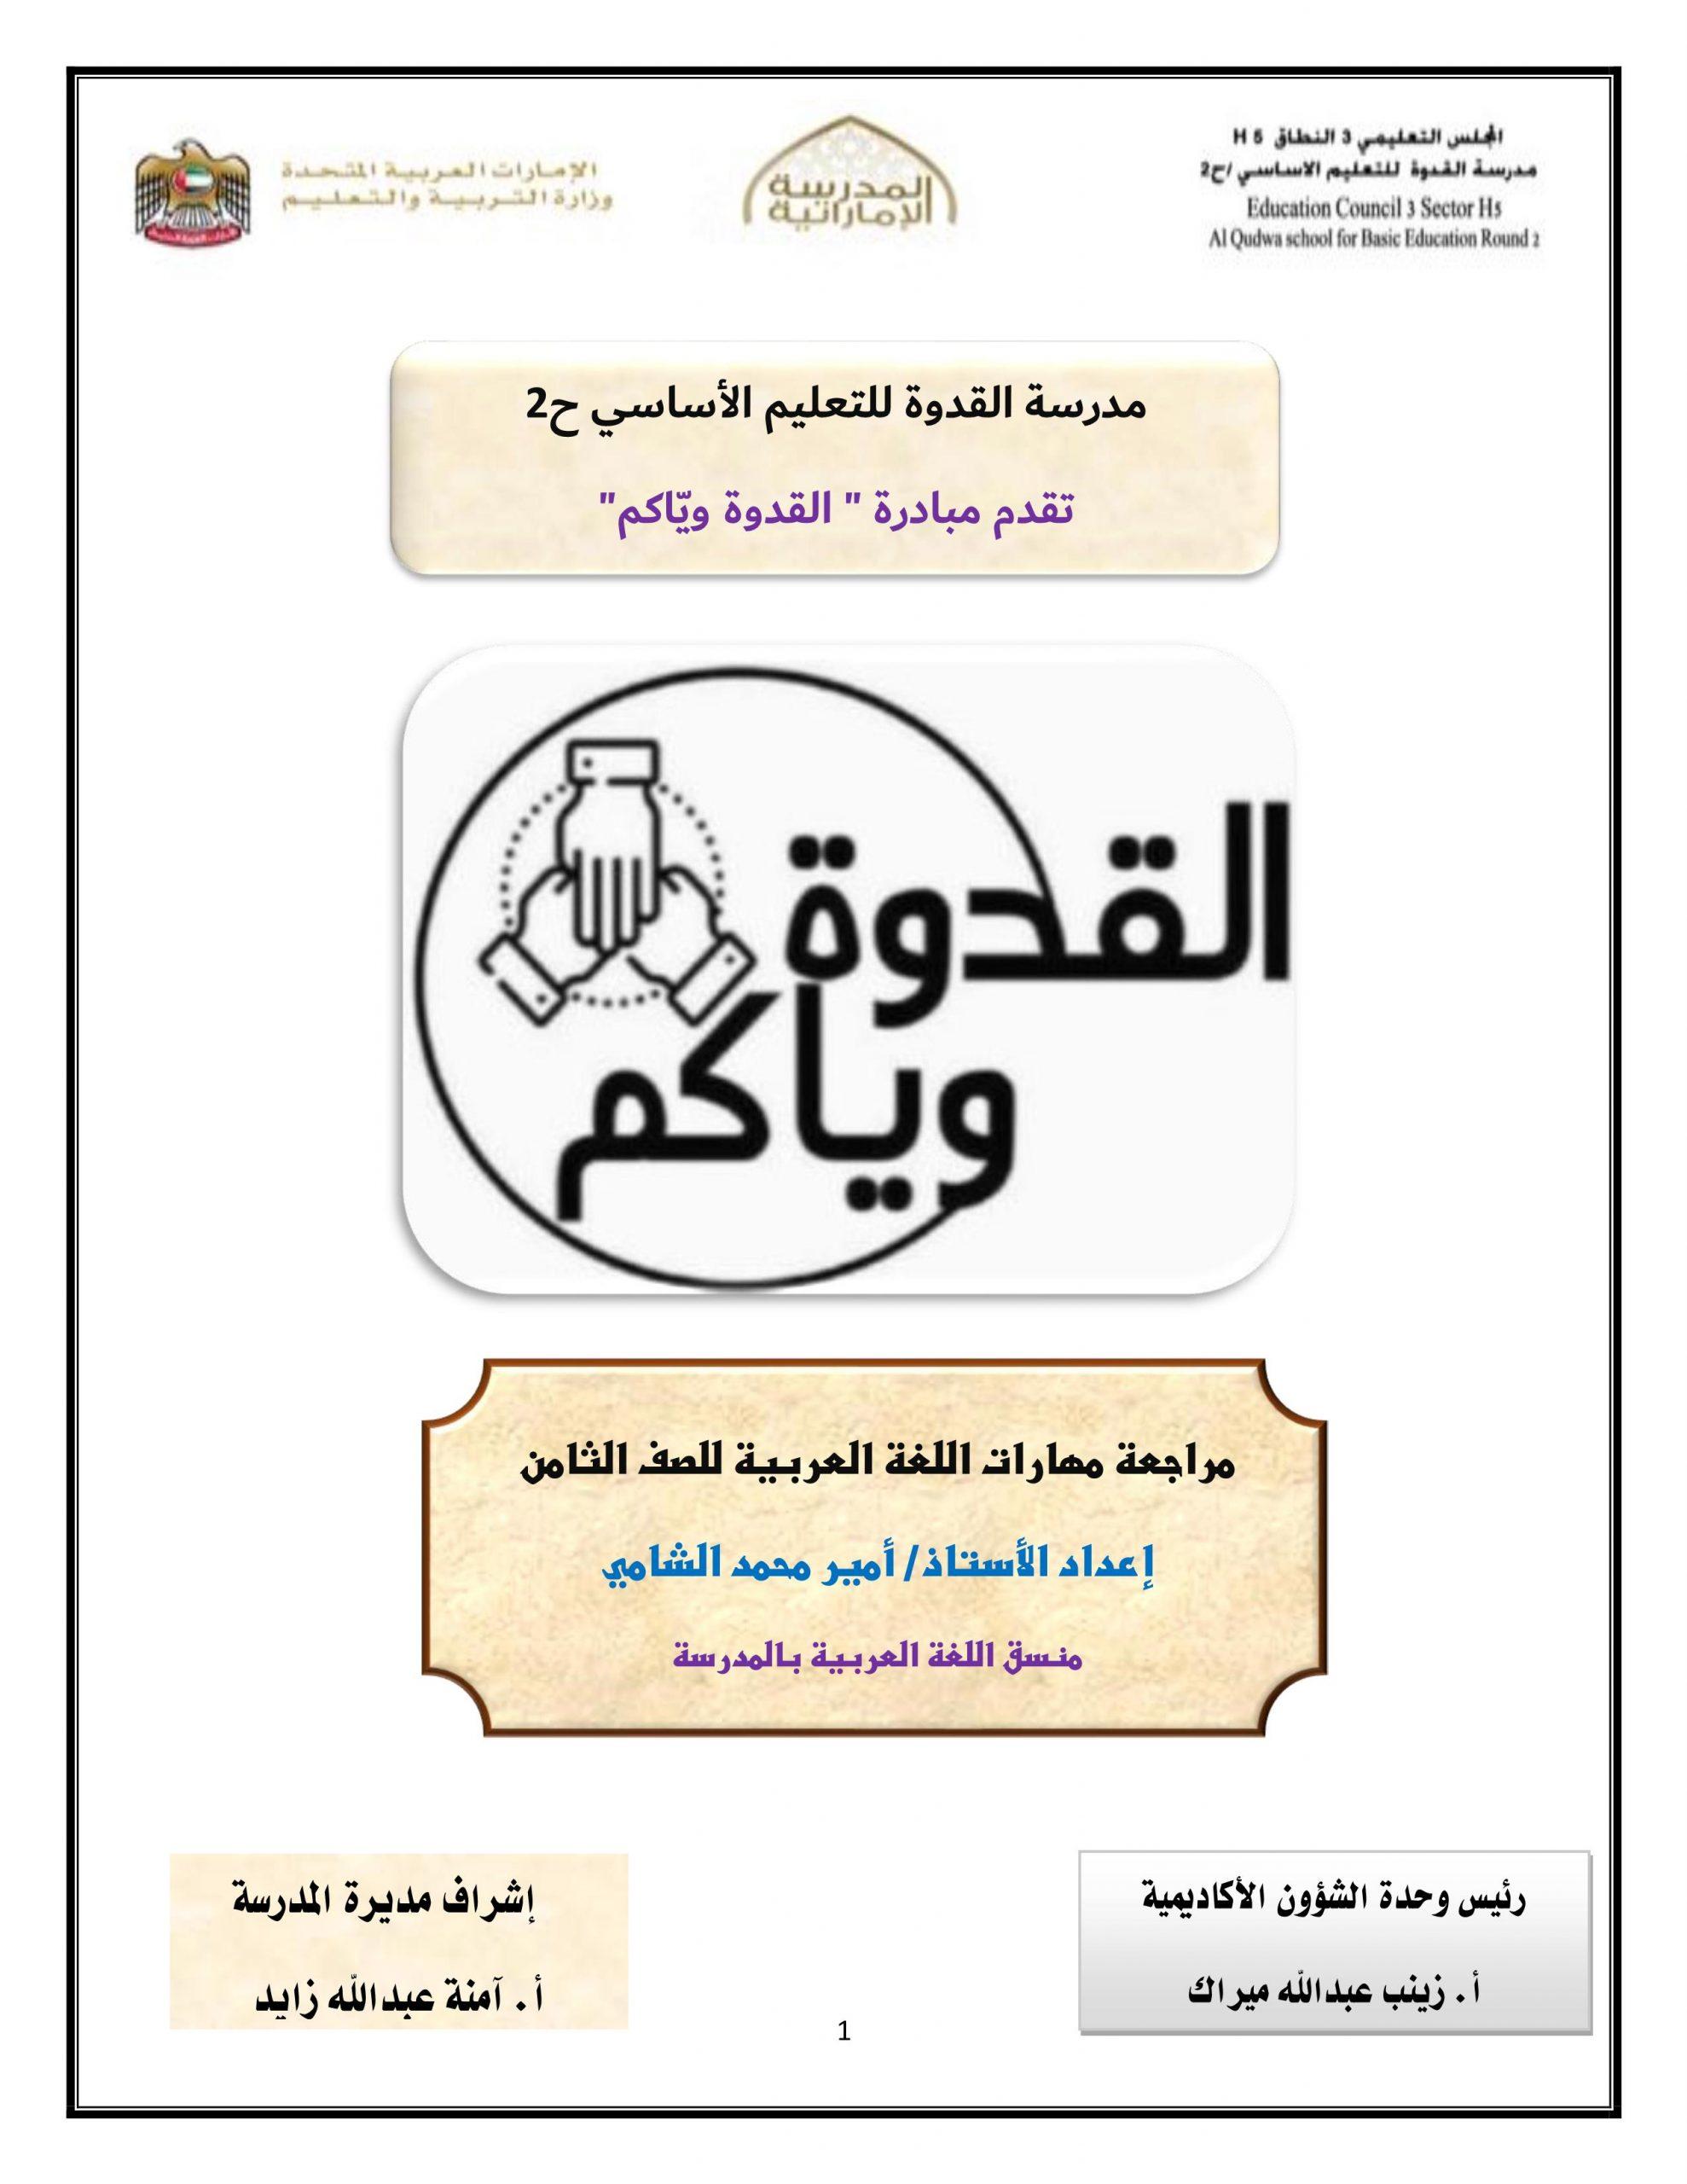 اوراق عمل مراجعة مهارات منتوعة الصف الثامن مادة اللغة العربية